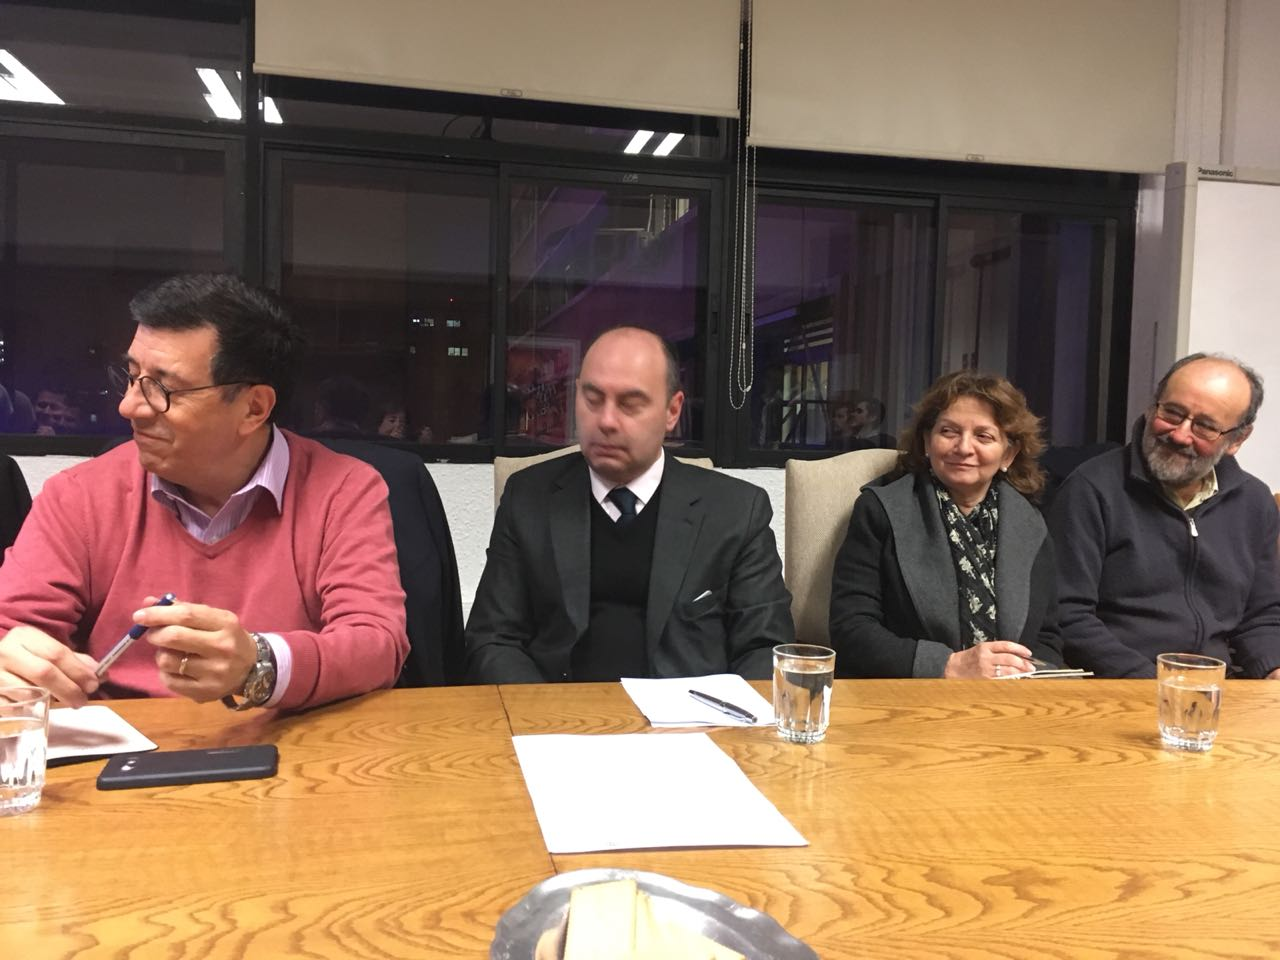 Representantes de FENAEDUP sostienen reunión de trabajo con autoridad ministerial